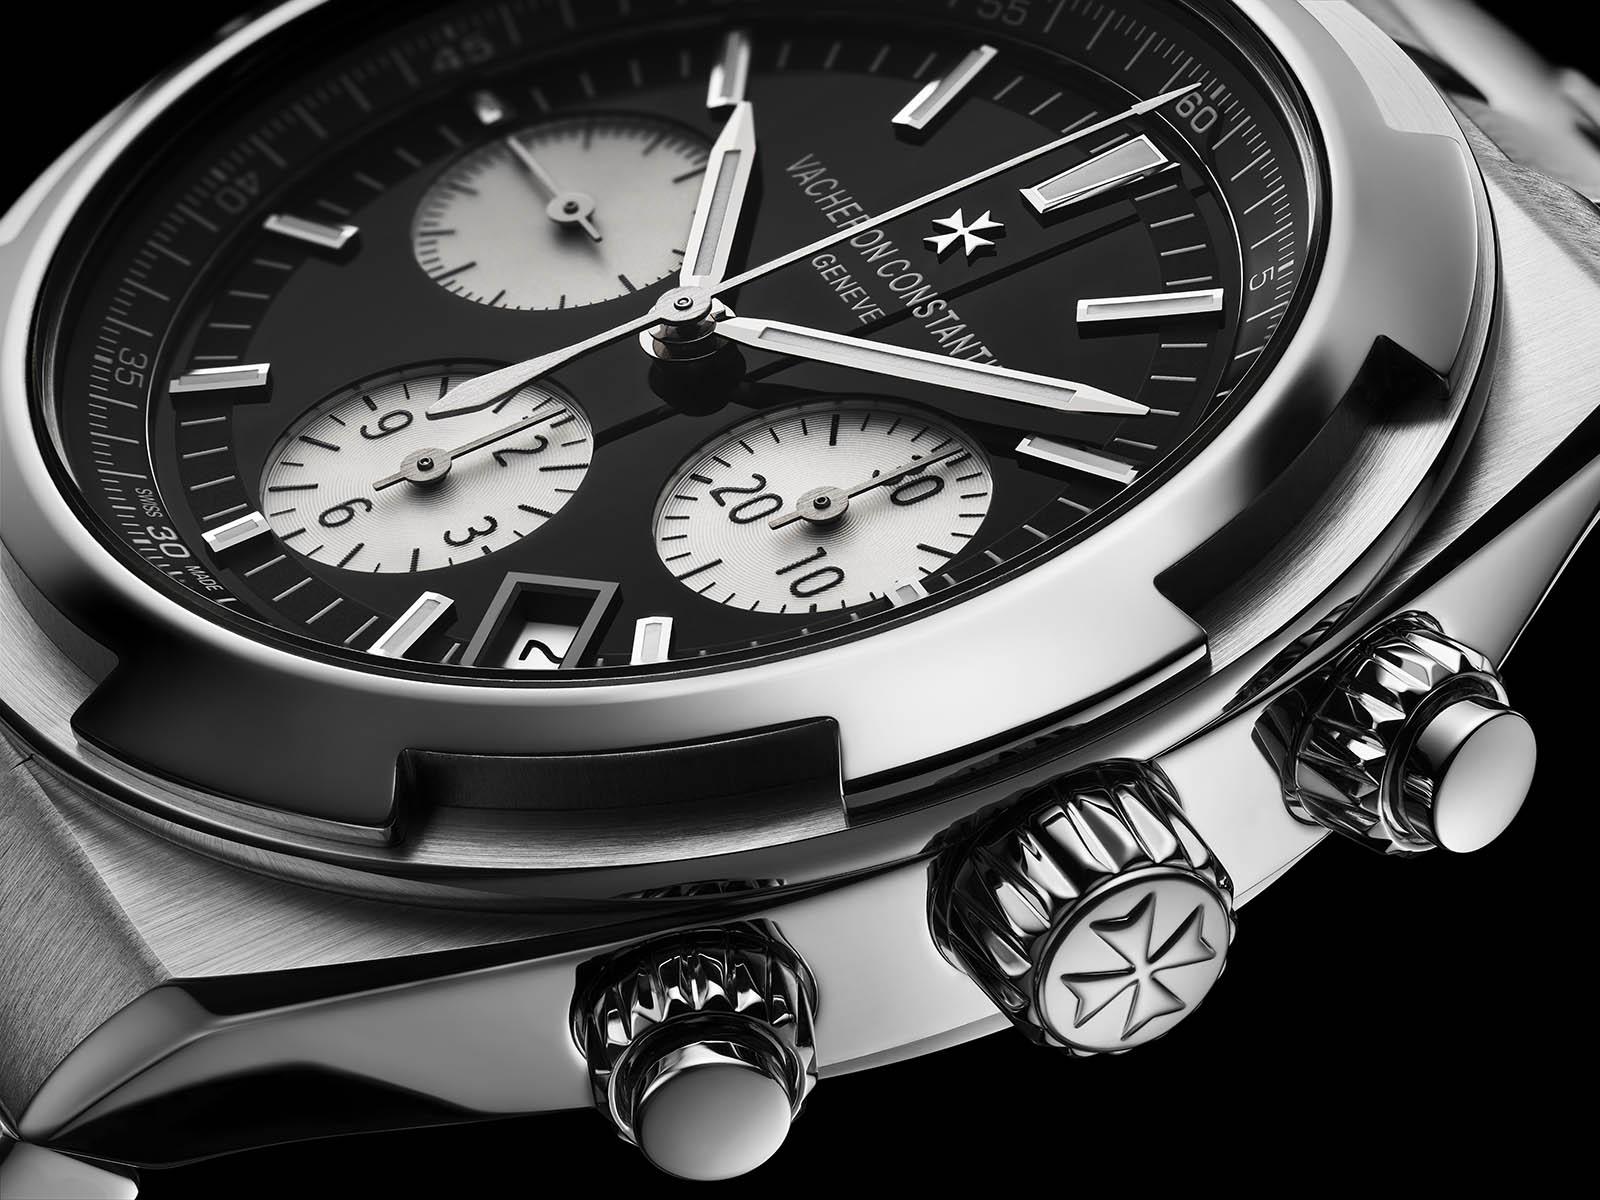 Vacheron Contantin Overseas Black Dial chronograph reverse panda